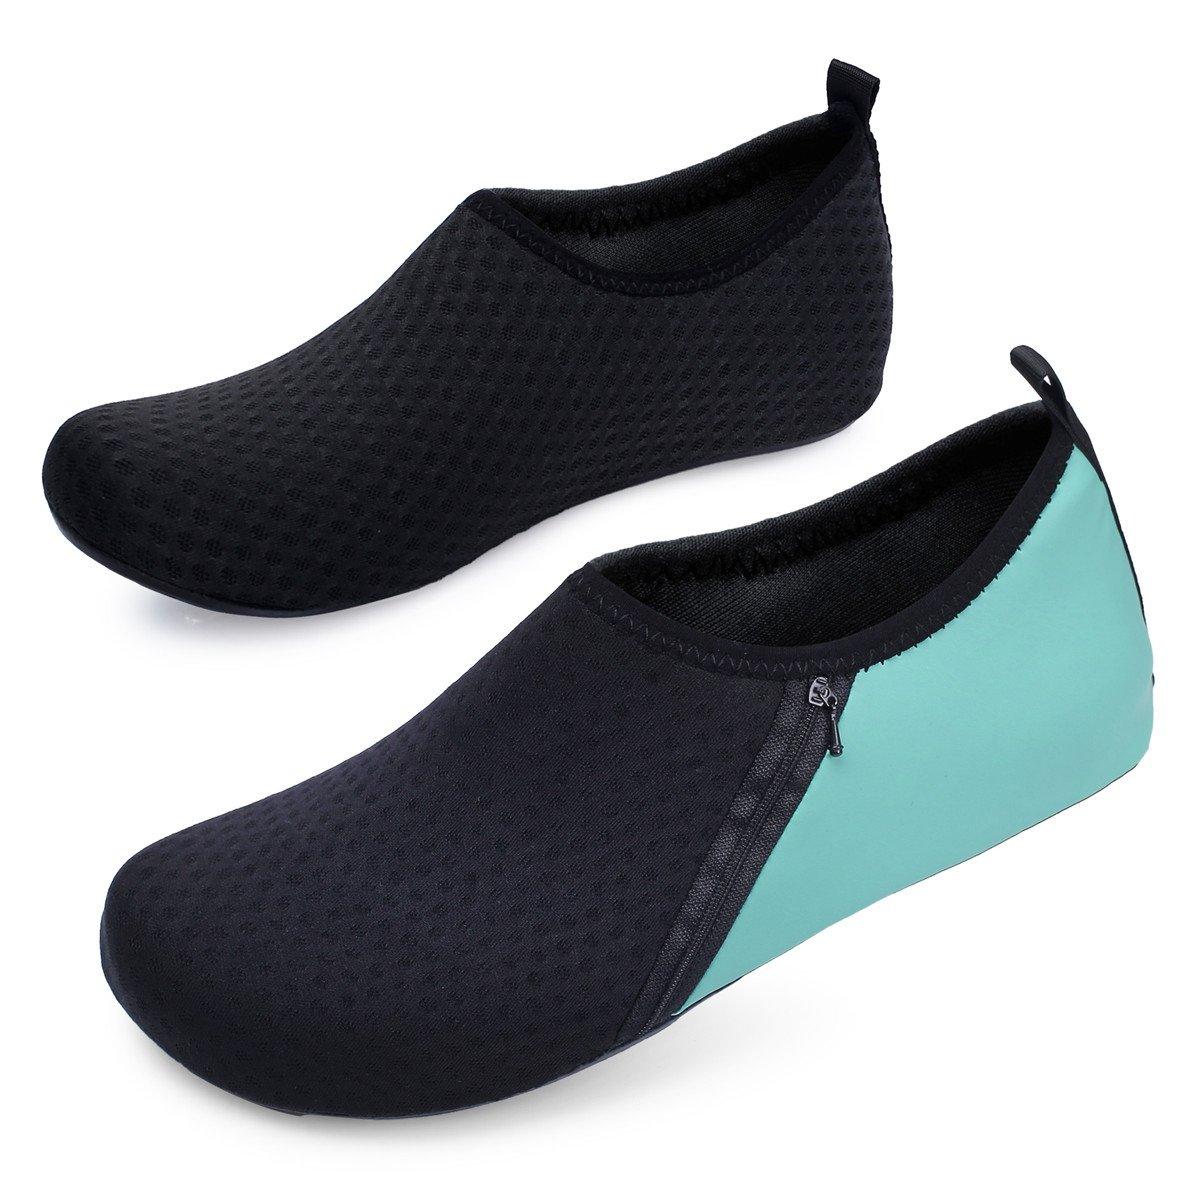 JIASUQI Mens Beach Walking Sandals Water Shoes for Pool Swim Zip Green US 7.5-8.5 Women, 6.5-7.5 Men by JIASUQI (Image #2)